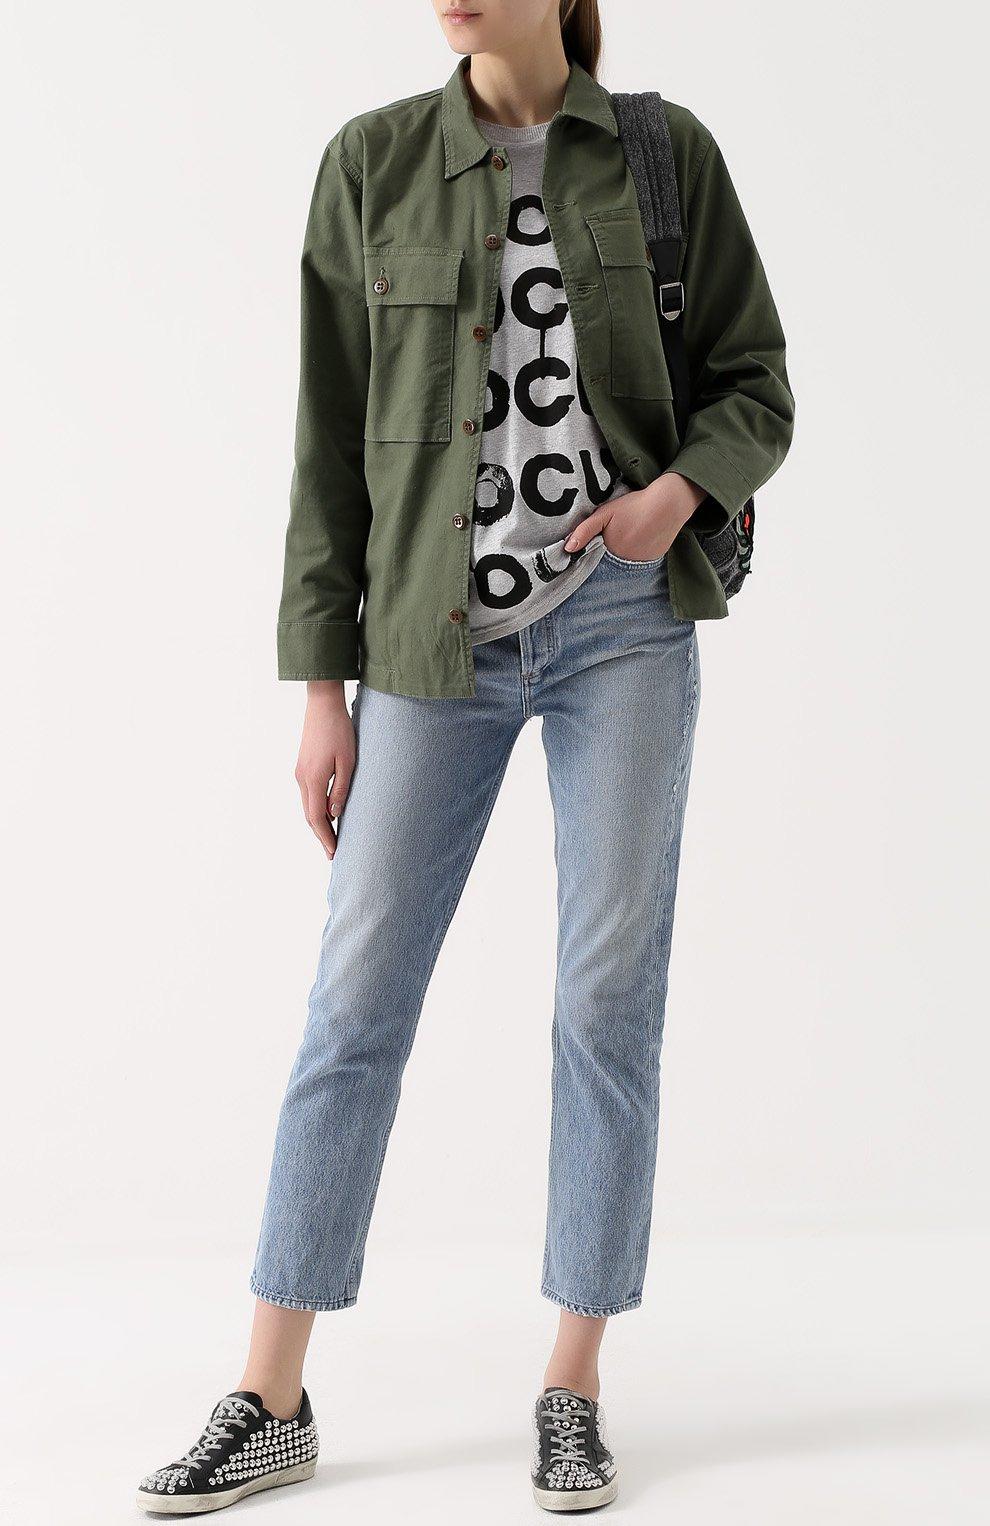 Джинсовая женская одежда интернет магазин с доставкой